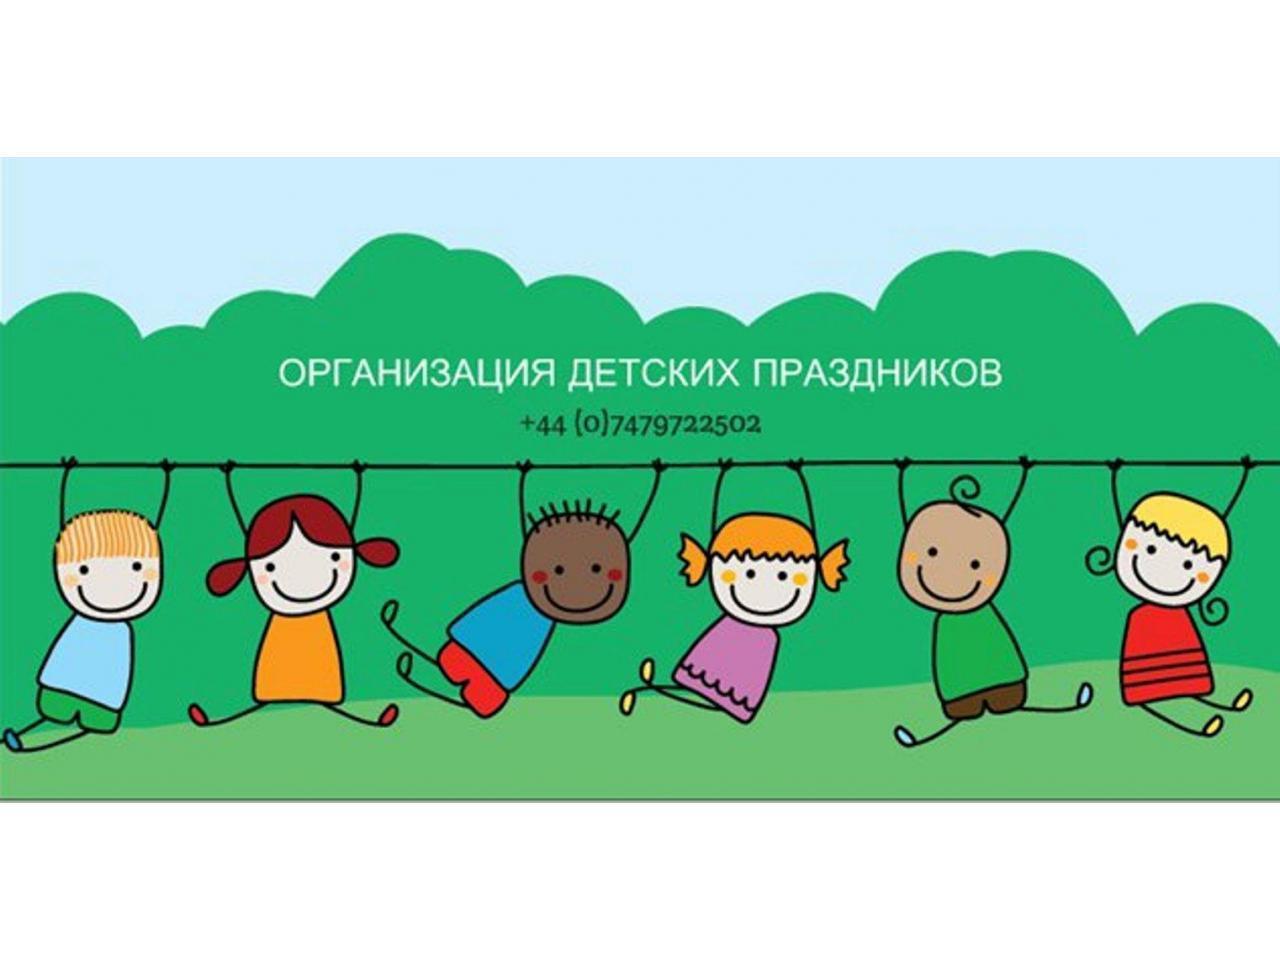 Лучшие праздники для ваших деток  на русском и английском в Лондоне - 6